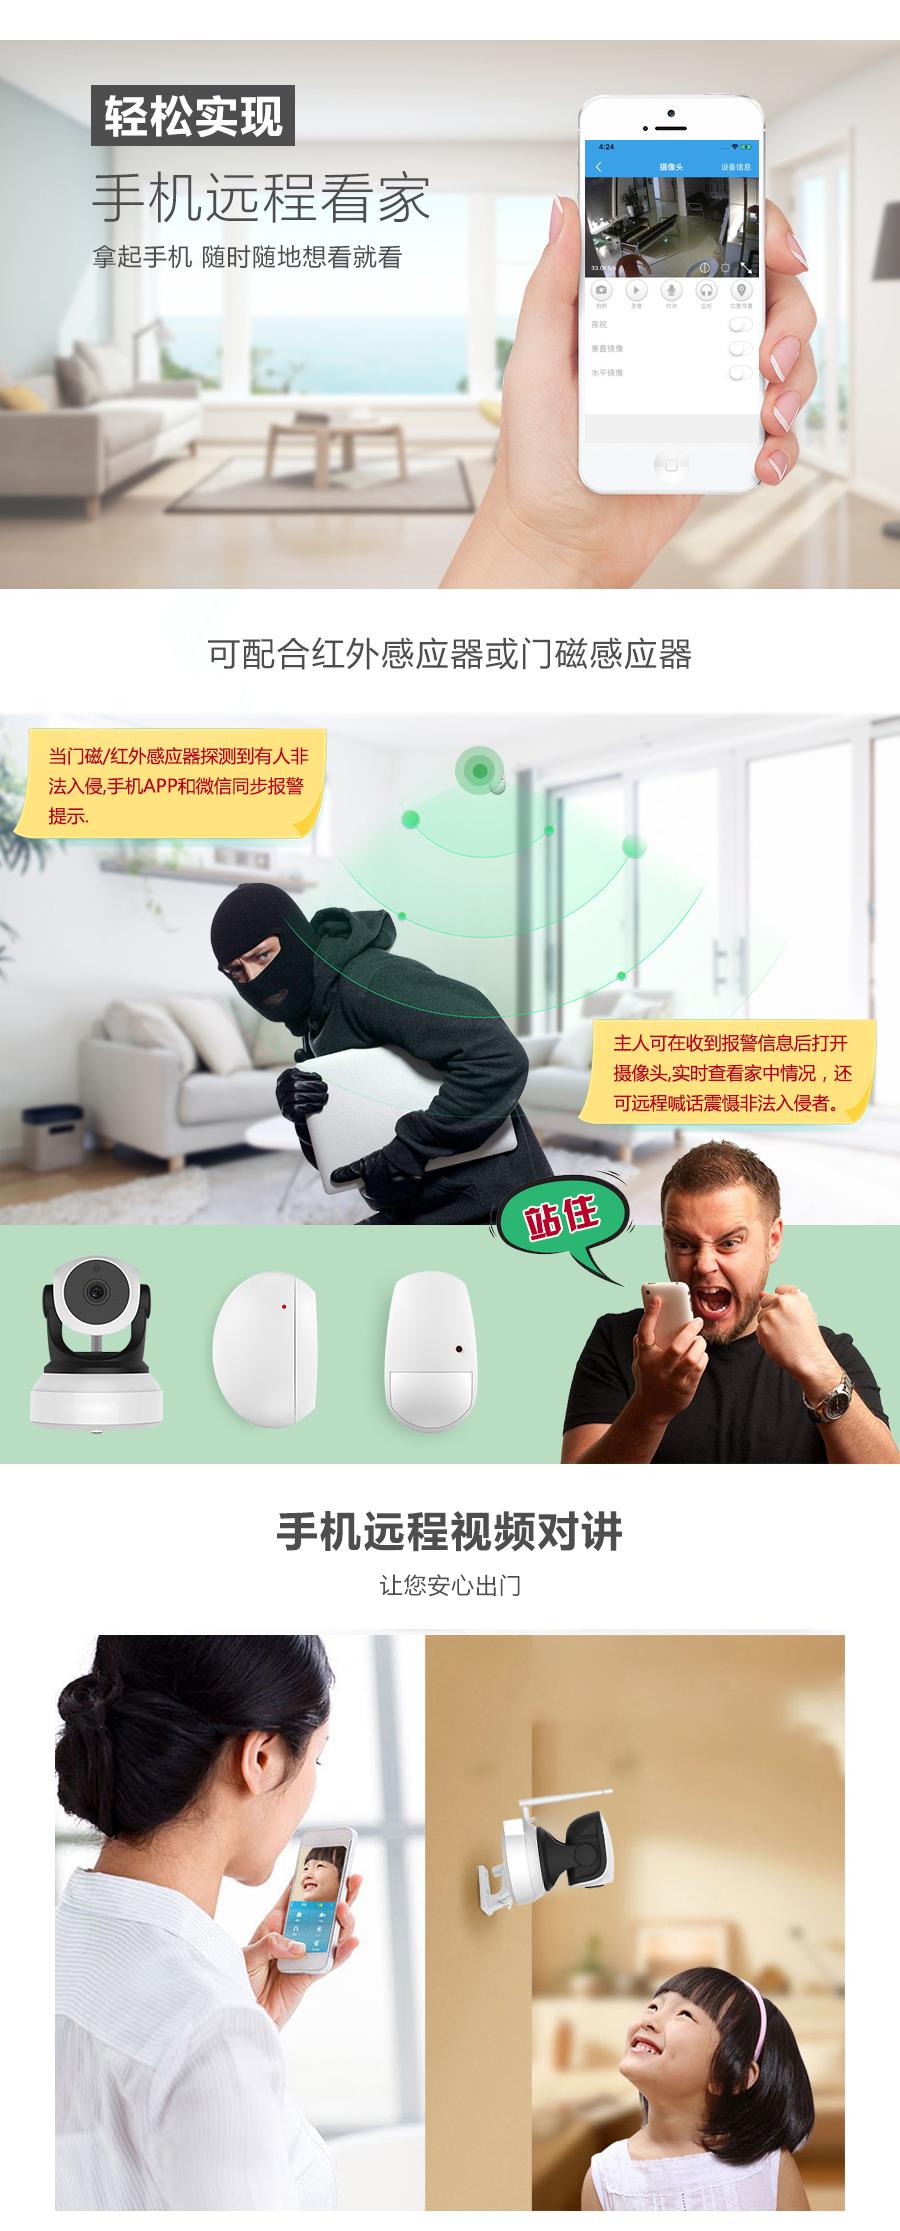 家庭安全防盗套装-整图_05.jpg